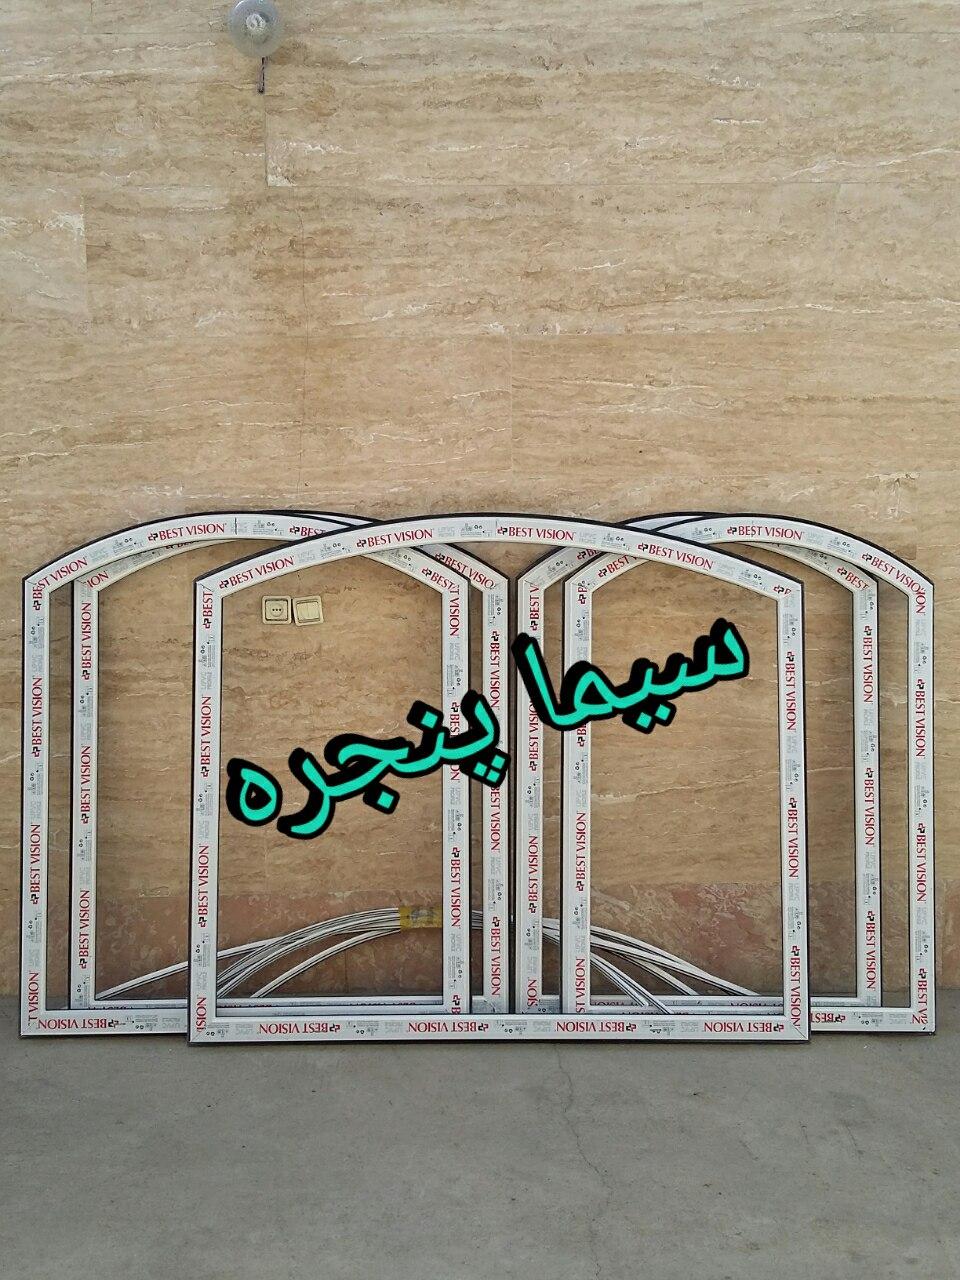 خمکاری و مونتاژ انواع پنجره UPVC خم خاص پنجره منحنی دوار و ... در محدوده کرج شهریار فردیس ملارد منظریه اندیشه  upvc curved